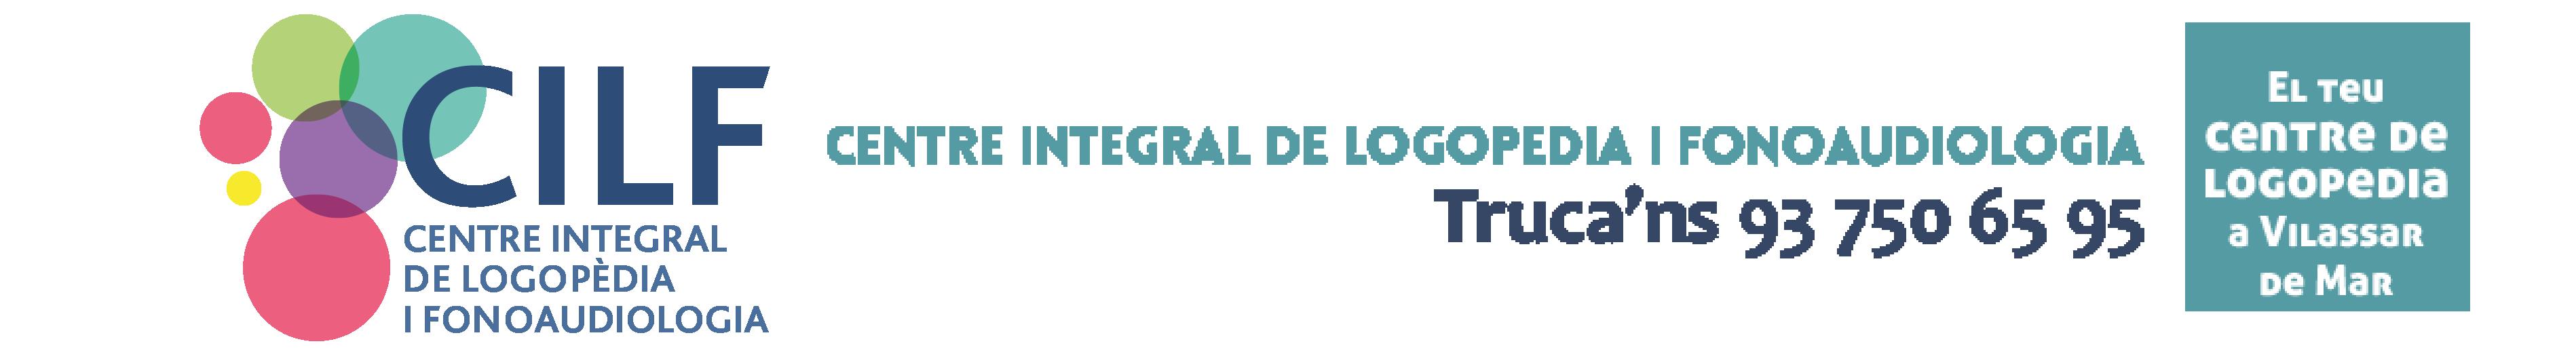 Centre Integral de Logopèdia i Fonoaudiologia – Vilassar de Mar